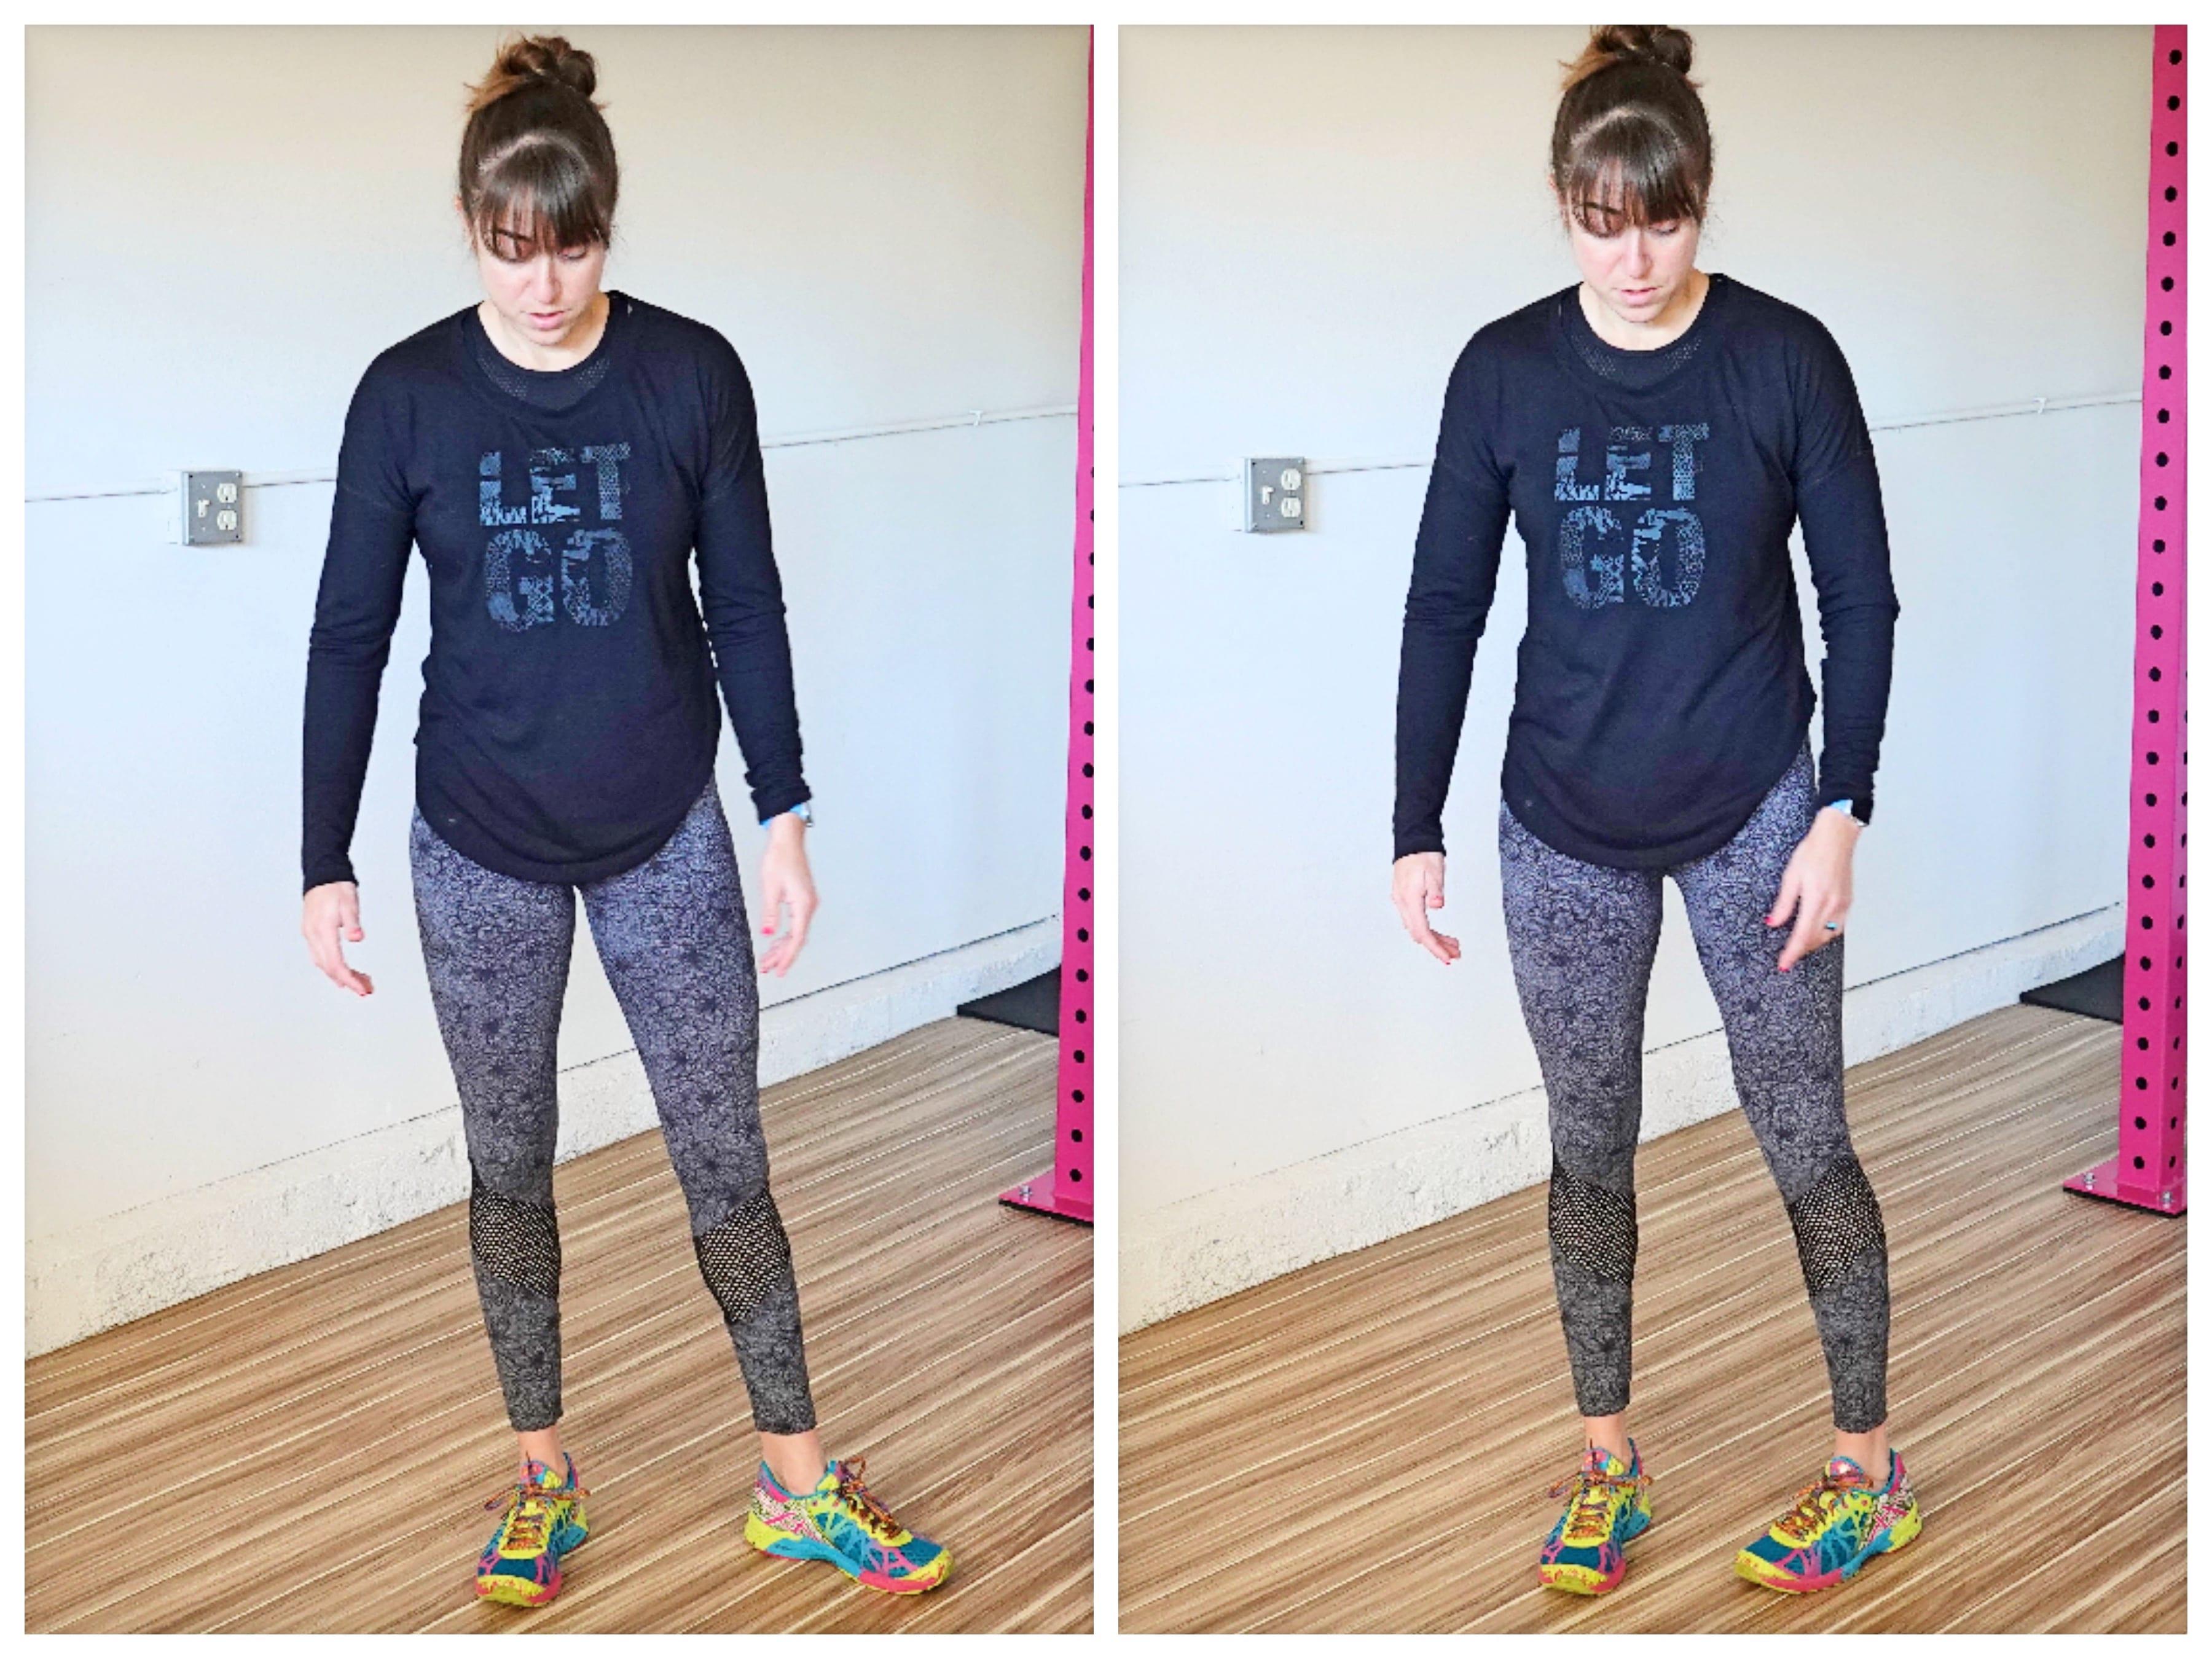 external vs internal hip rotation